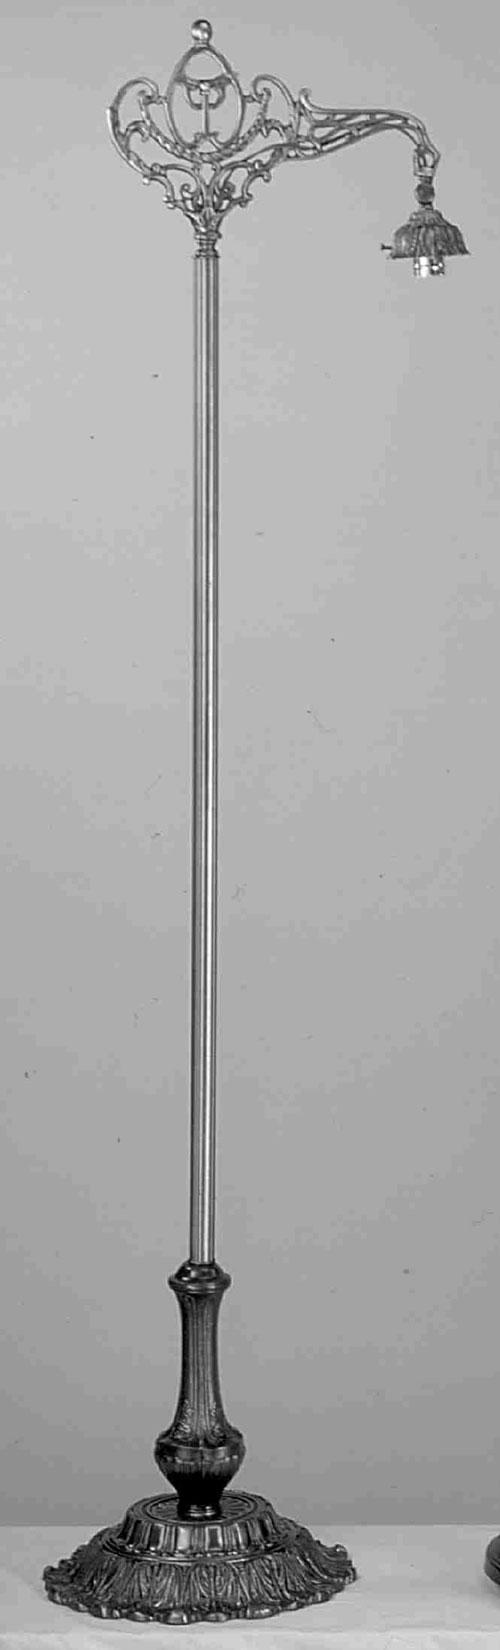 Meyda Tiffany 10847 60 Inch Flr Bse/Brdg Arm/2.25 Inch /No Onyx